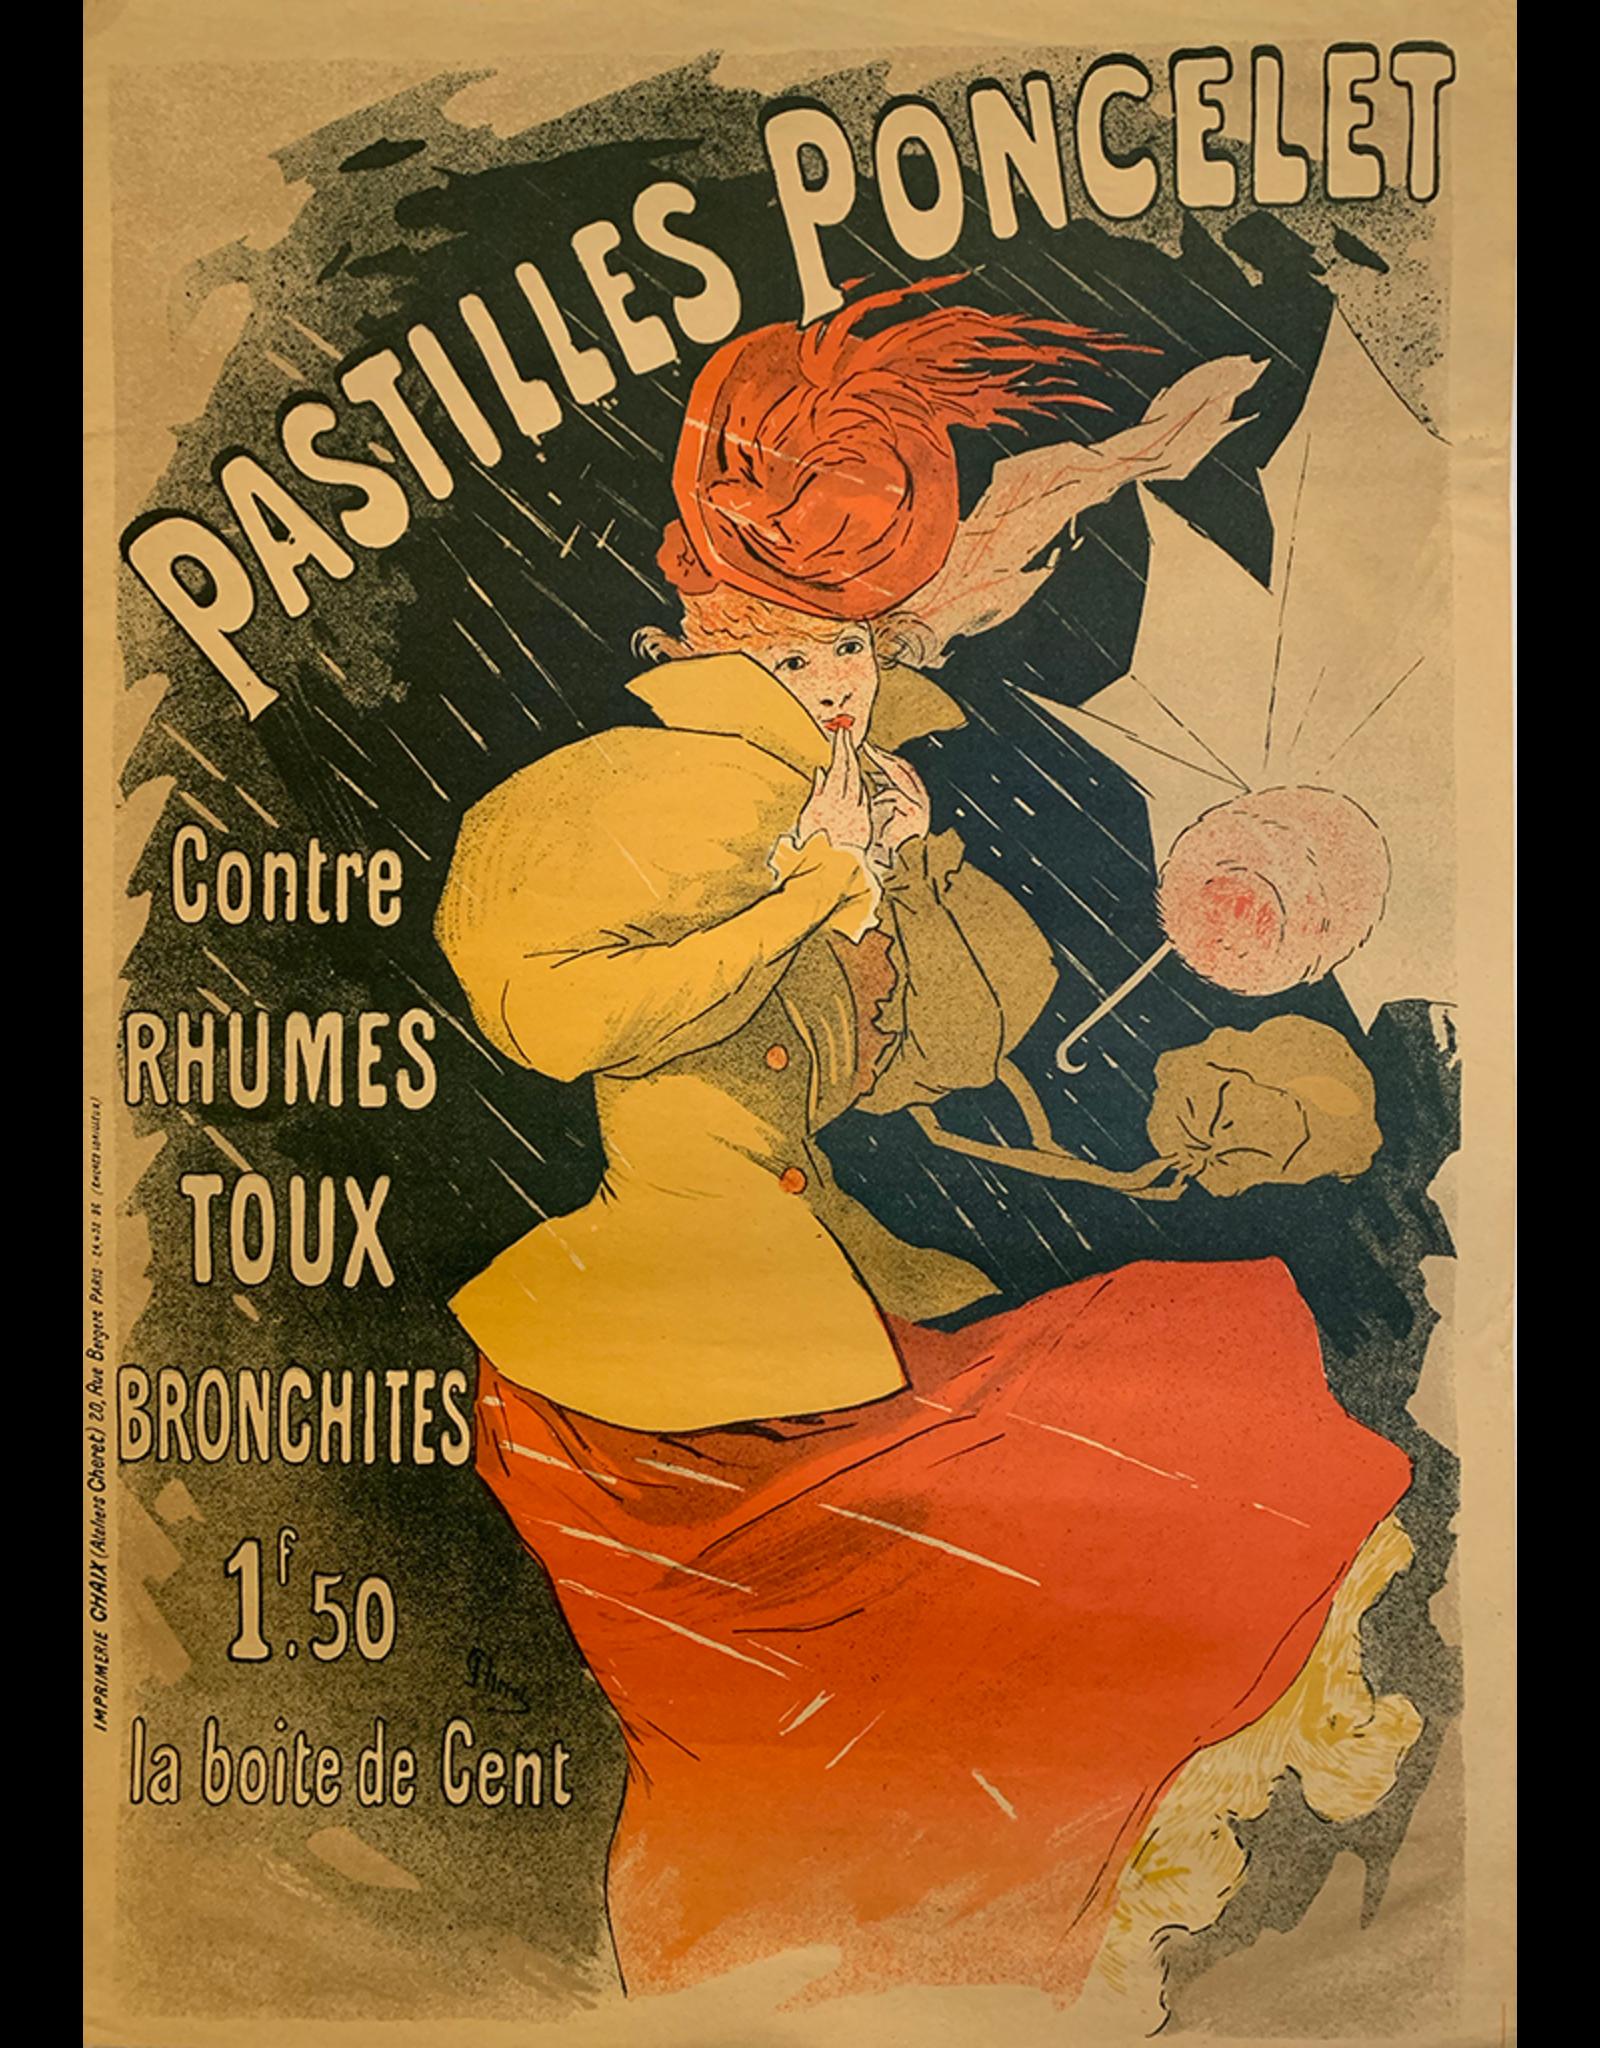 SPV Pastilles Poncelet